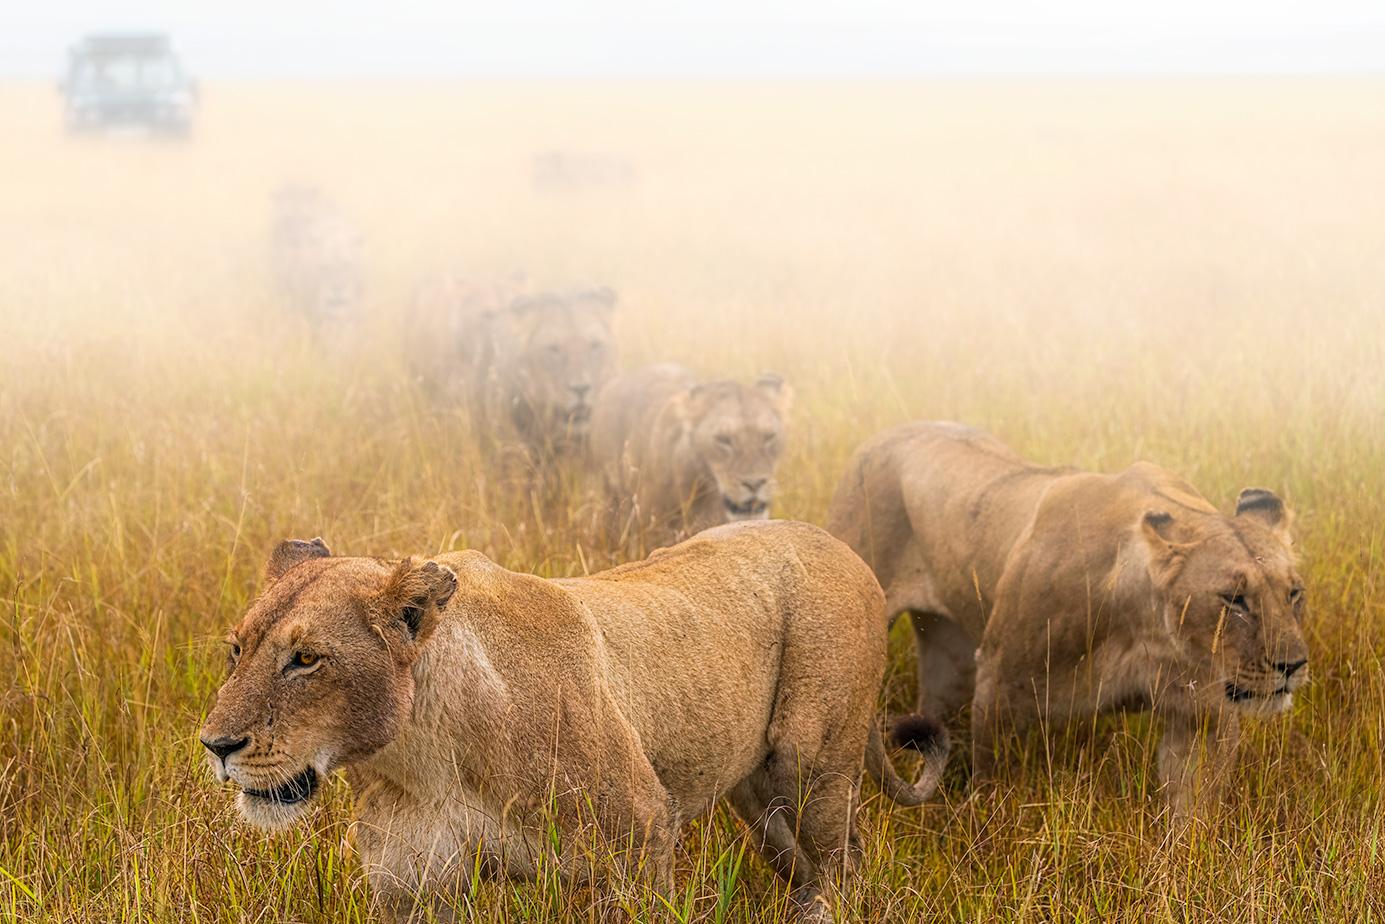 Löwen im Nebel in der Massai Mara auf einer Fotoreise durch Kenia fotografiert.